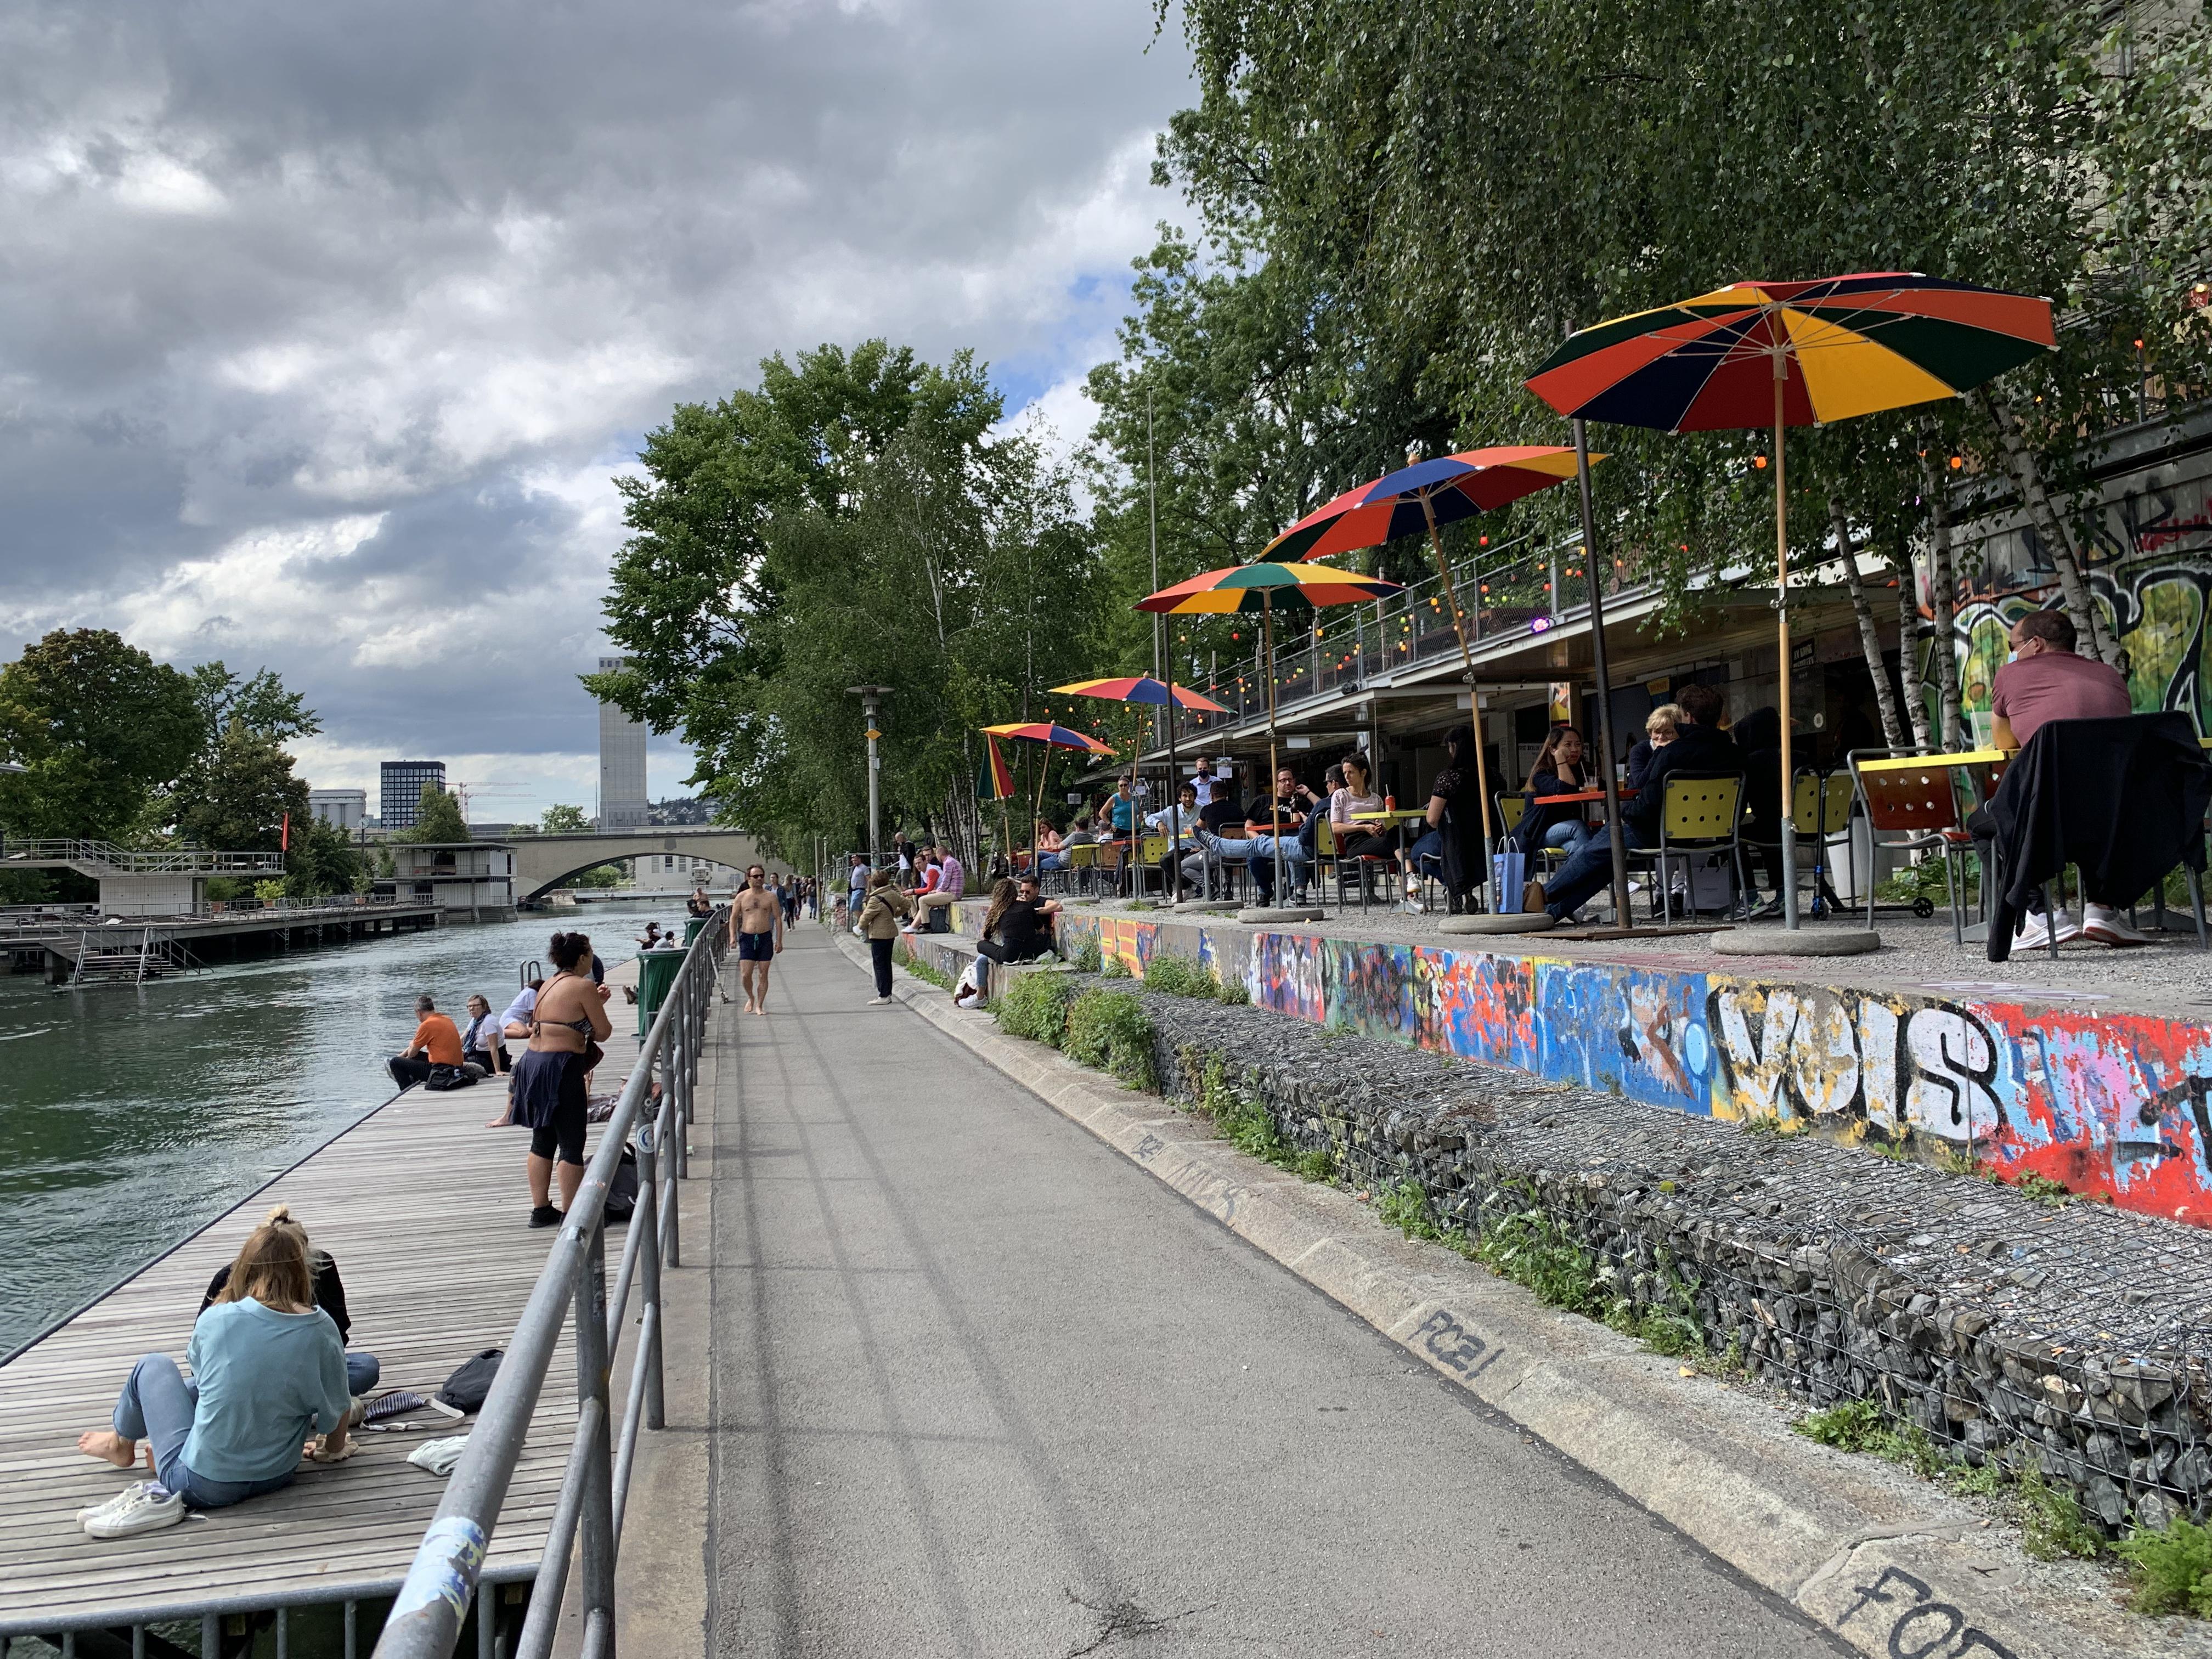 A vibe do verão em Zurich West